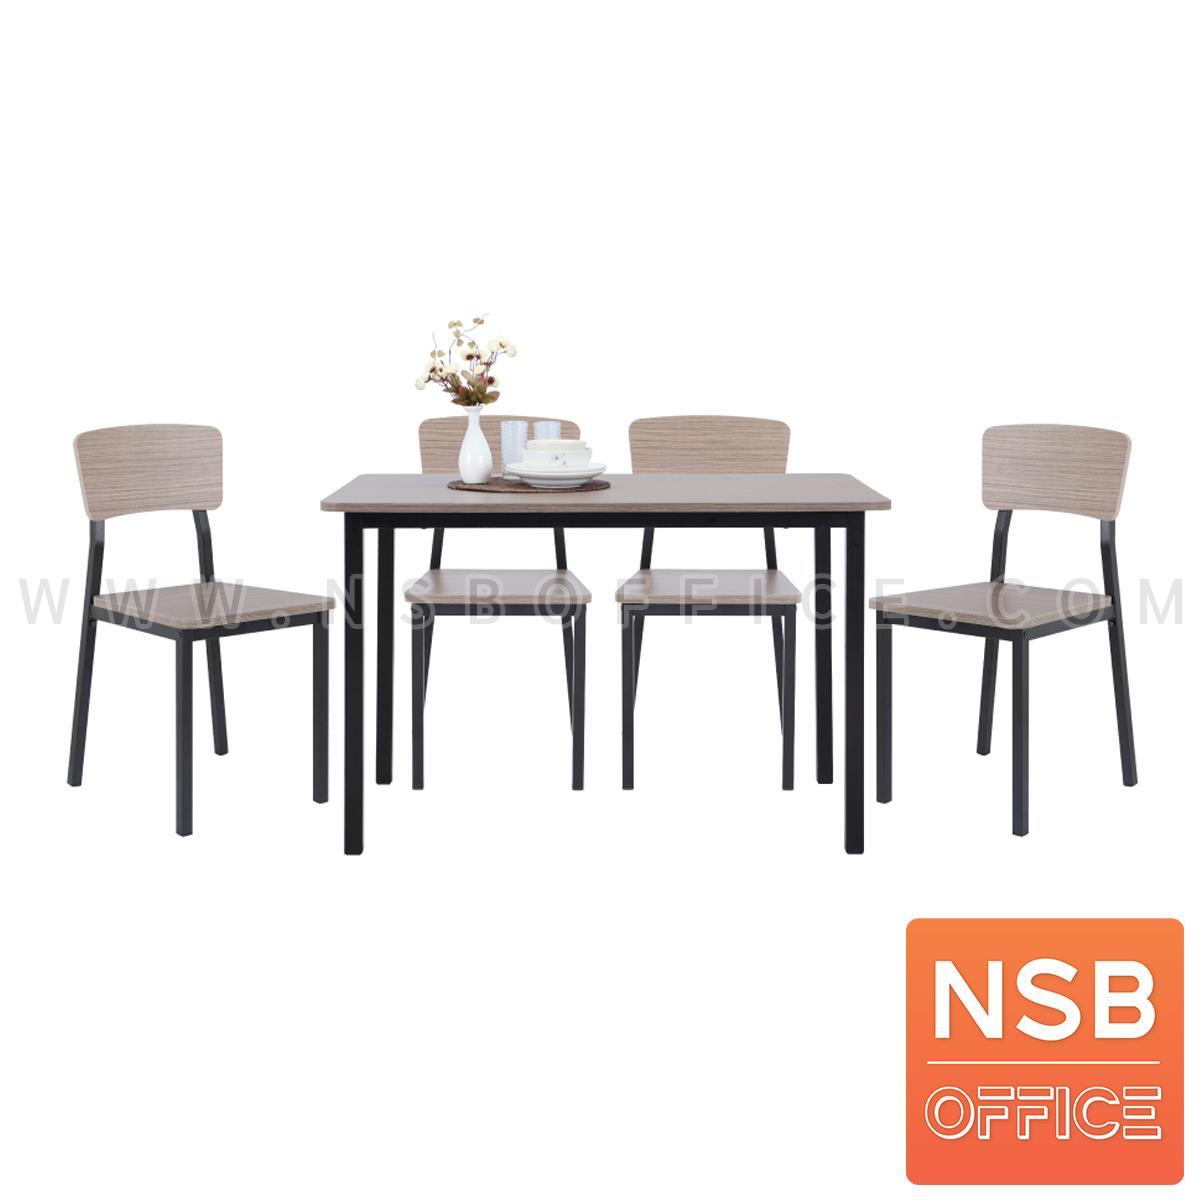 G14A245:ชุดโต๊ะรับประทานอาหาร 4 ที่นั่ง รุ่น Ferna (เฟอน่า) ขนาดโต๊ะ 120W cm. ขาเหล็กพ่นสี